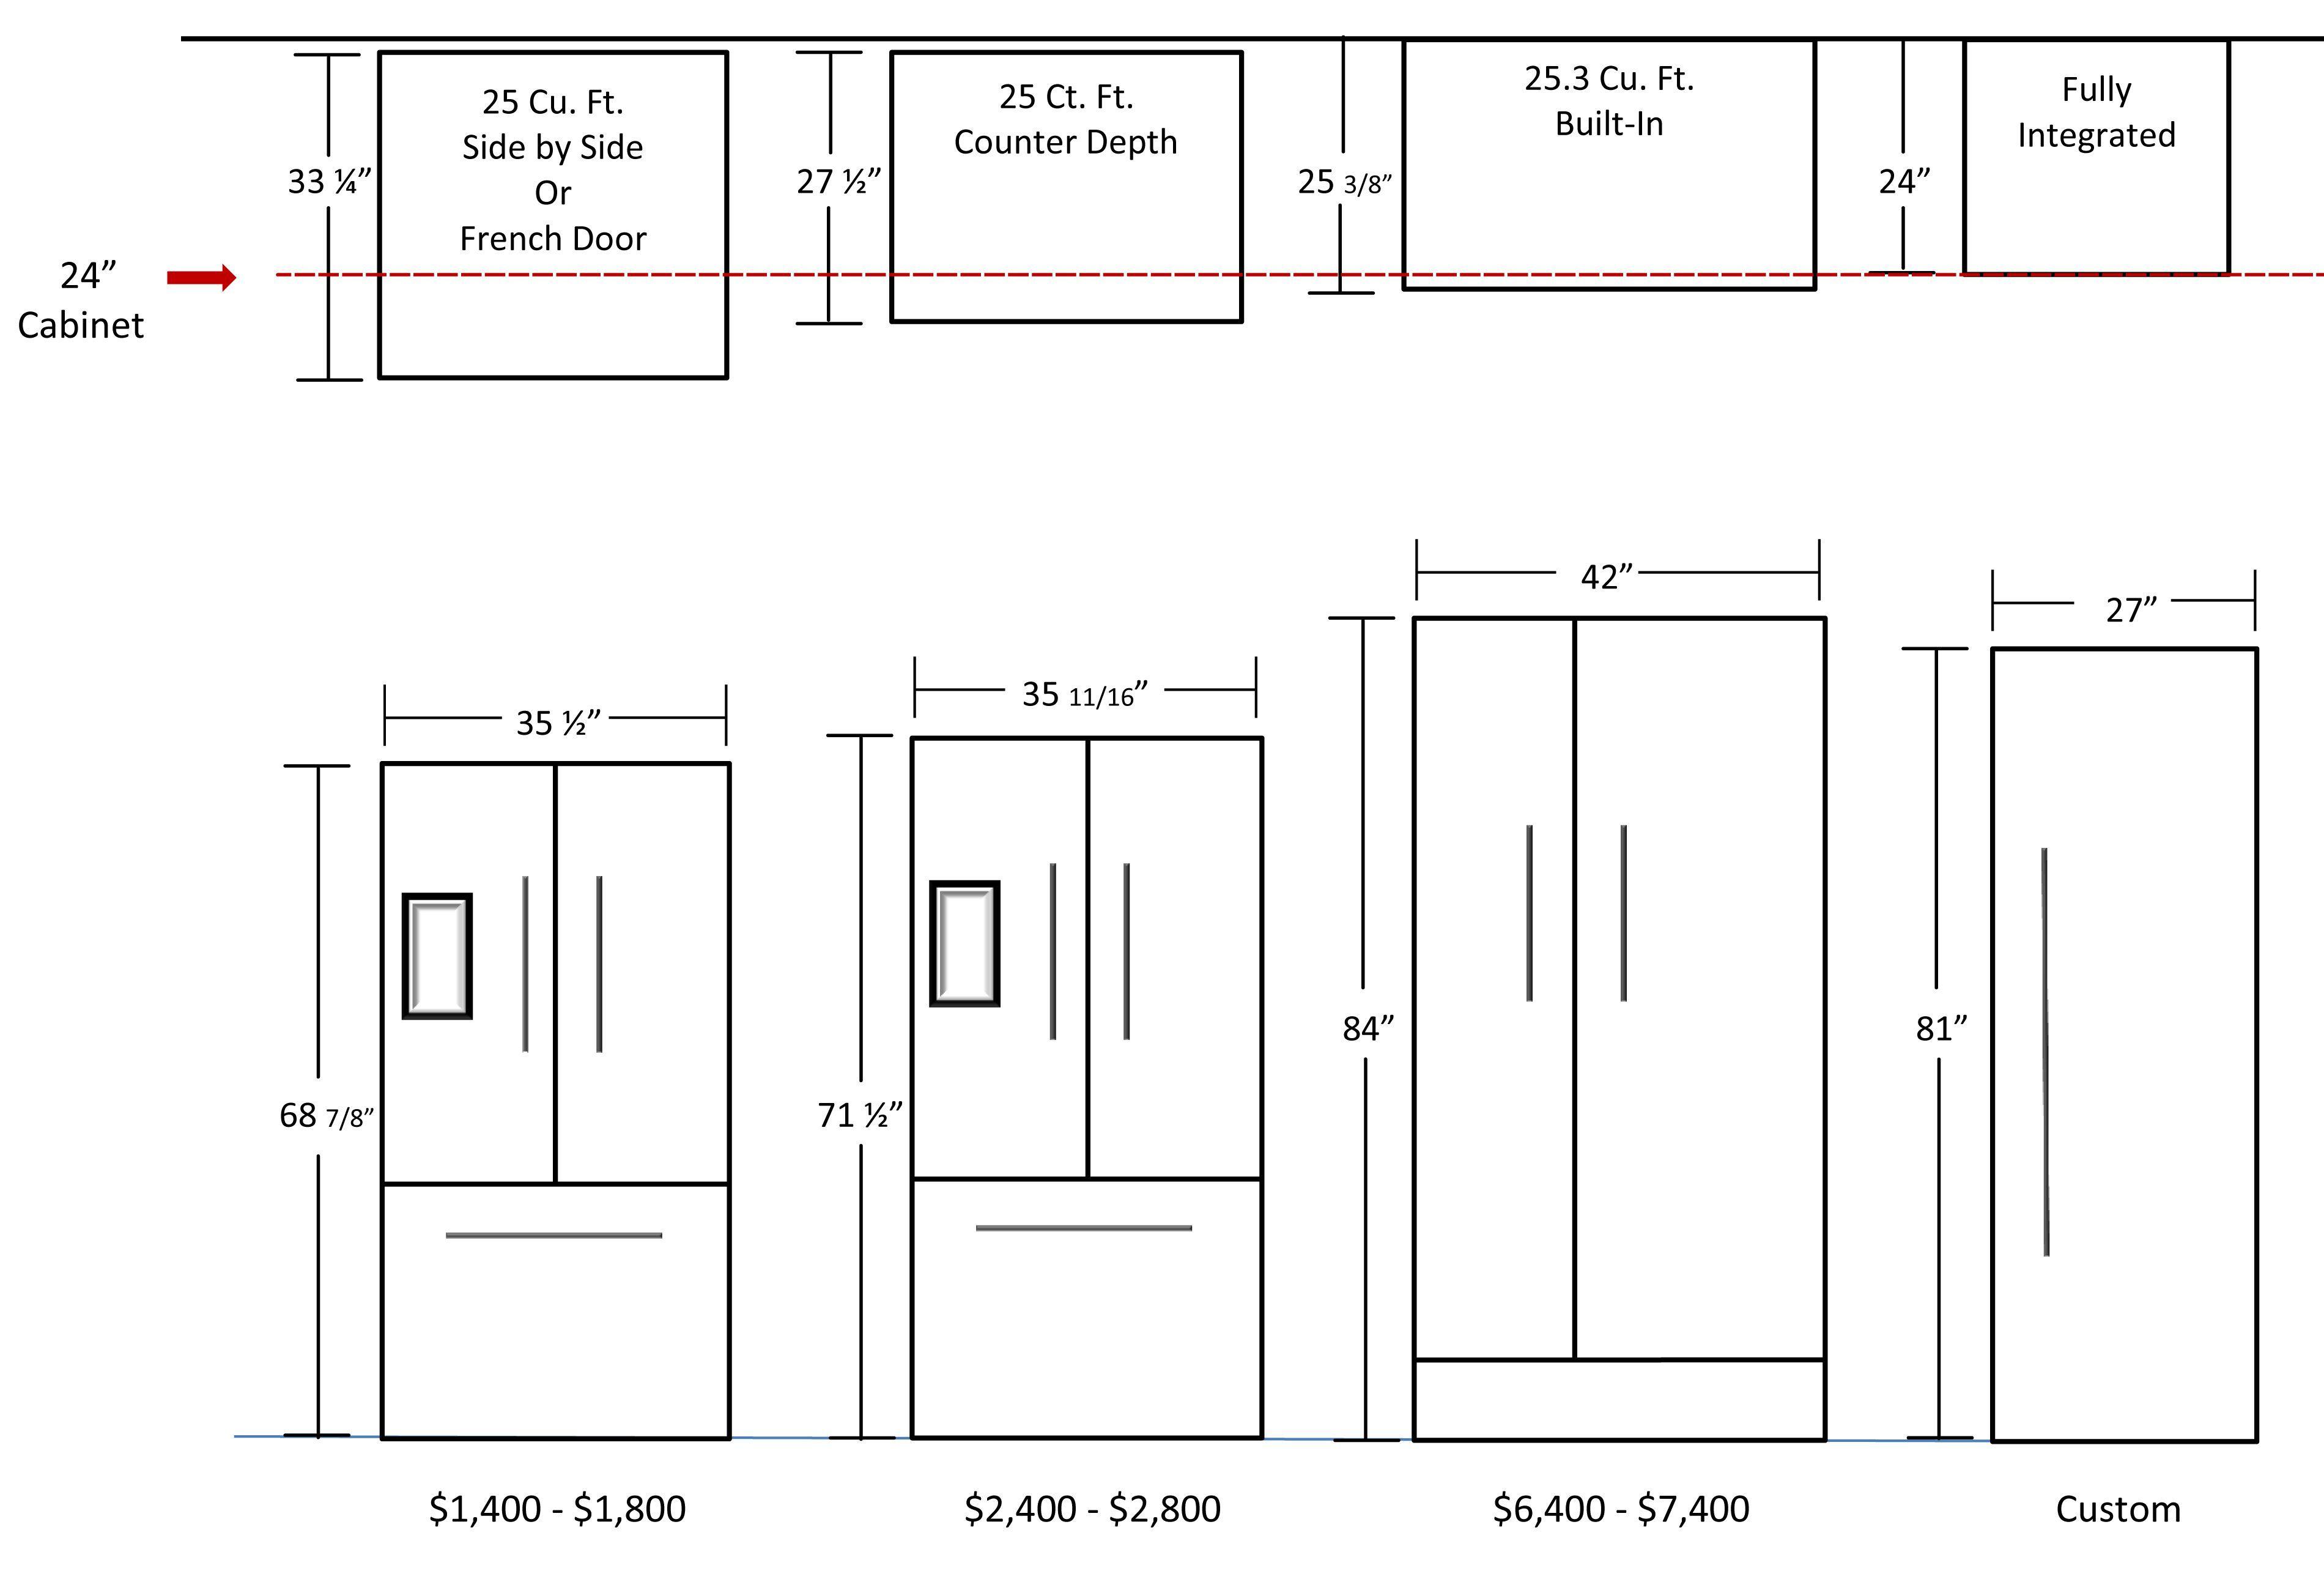 Image Result For Refrigerator Dimension Refrigerator Dimensions Fridge Dimensions Refrigerator Sizes